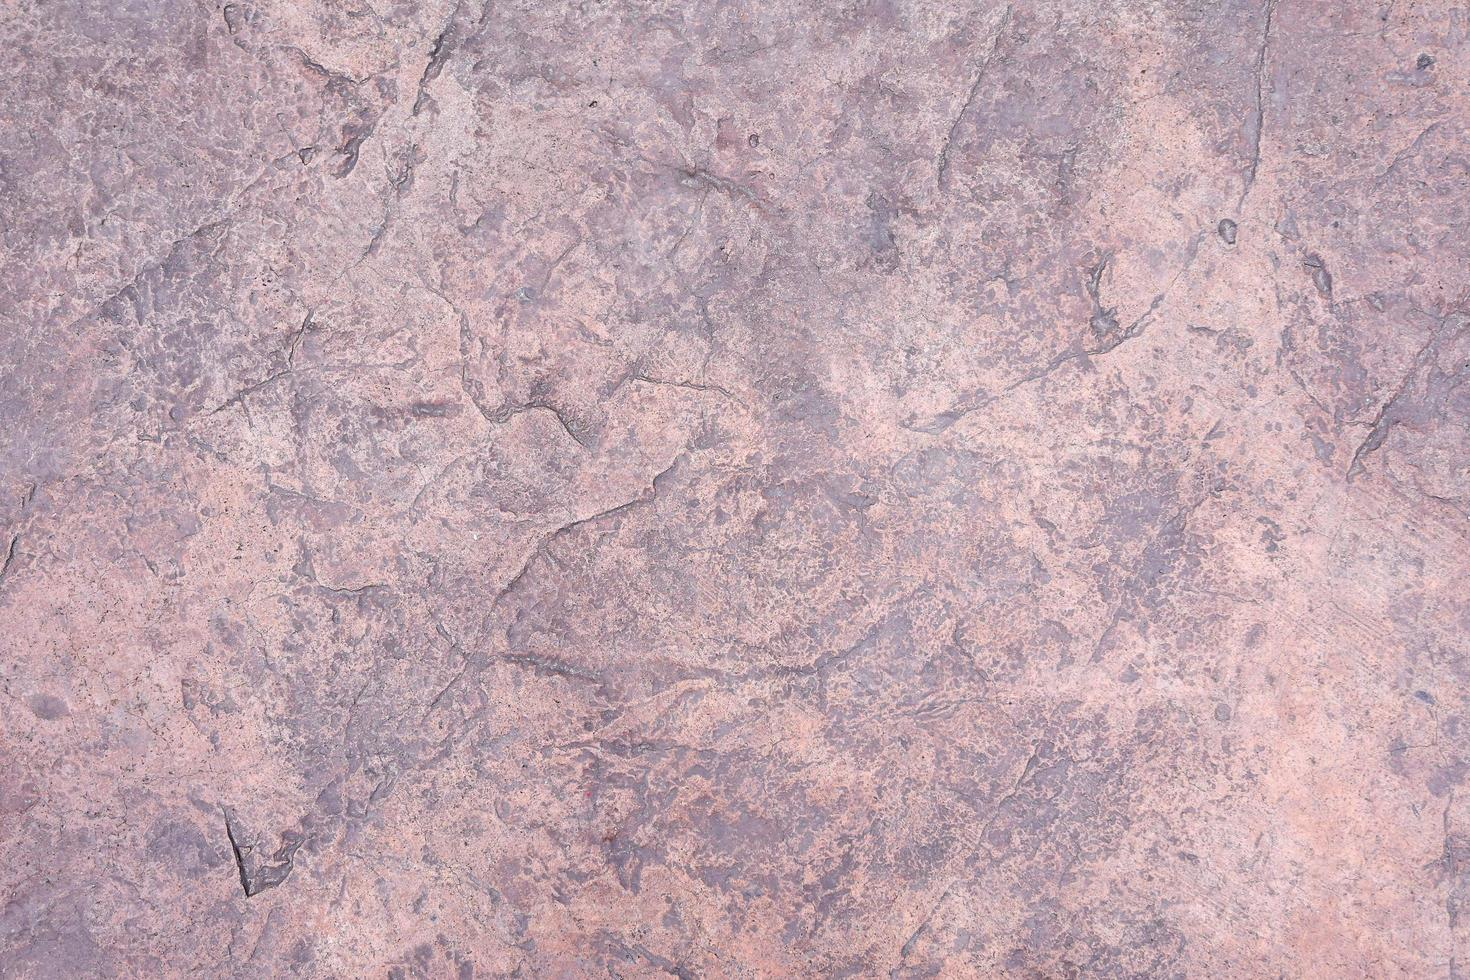 gammalt cement väderbitna sprickväggfragment, sprucken betonggolvstruktur foto